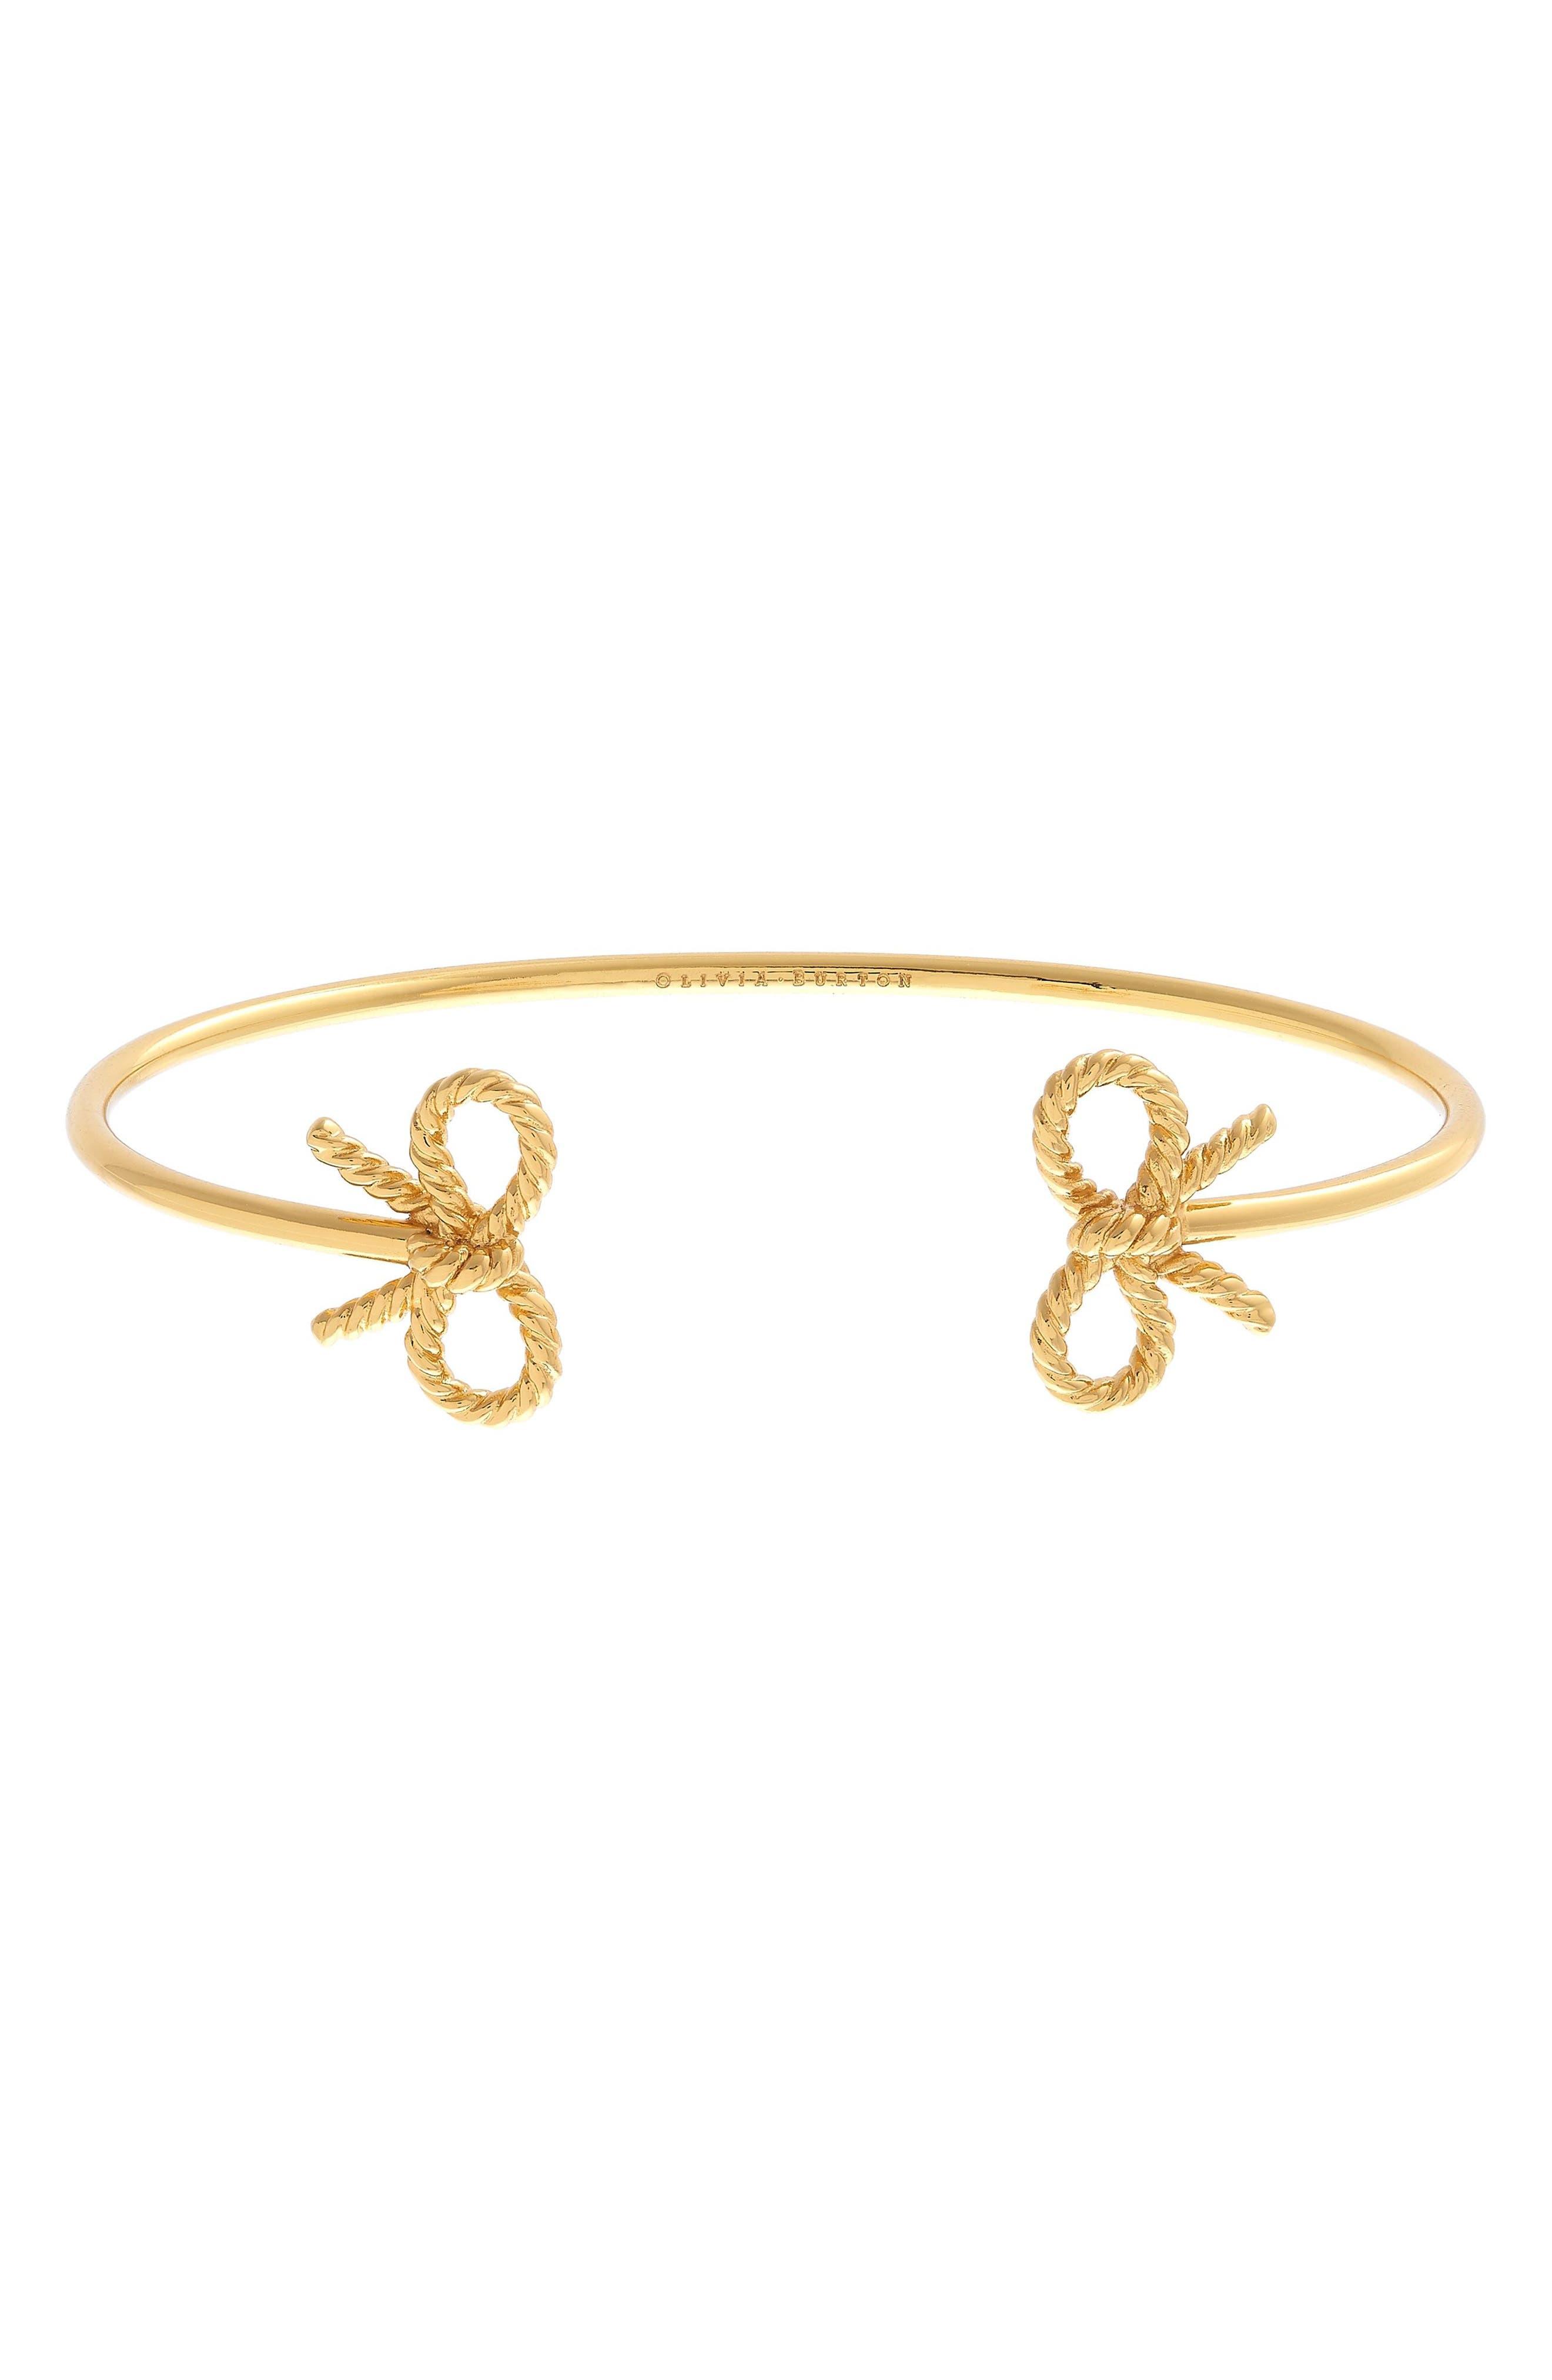 Main Image - Olivia Burton Bow Open Bangle Bracelet